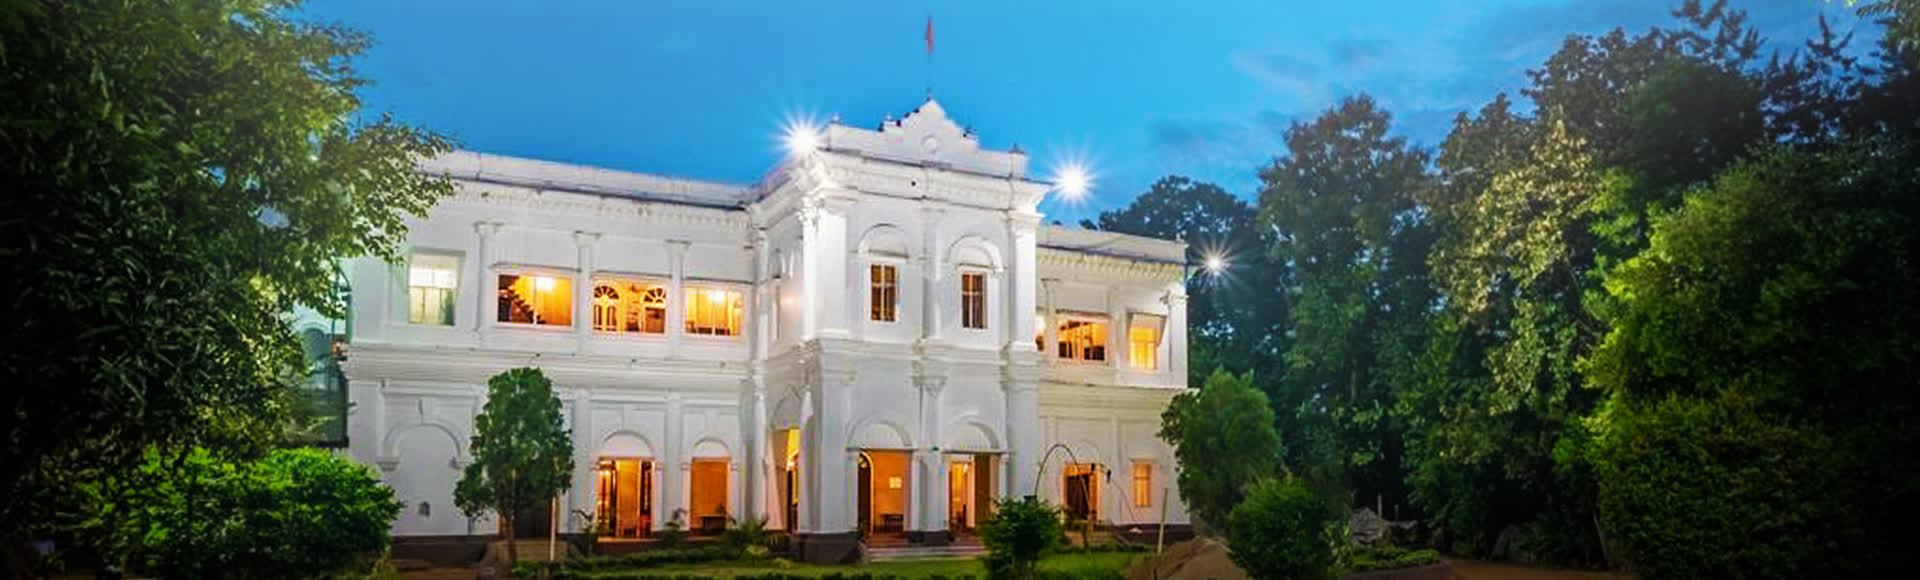 Belgadia Palace | https://odishatourism.gov.in/